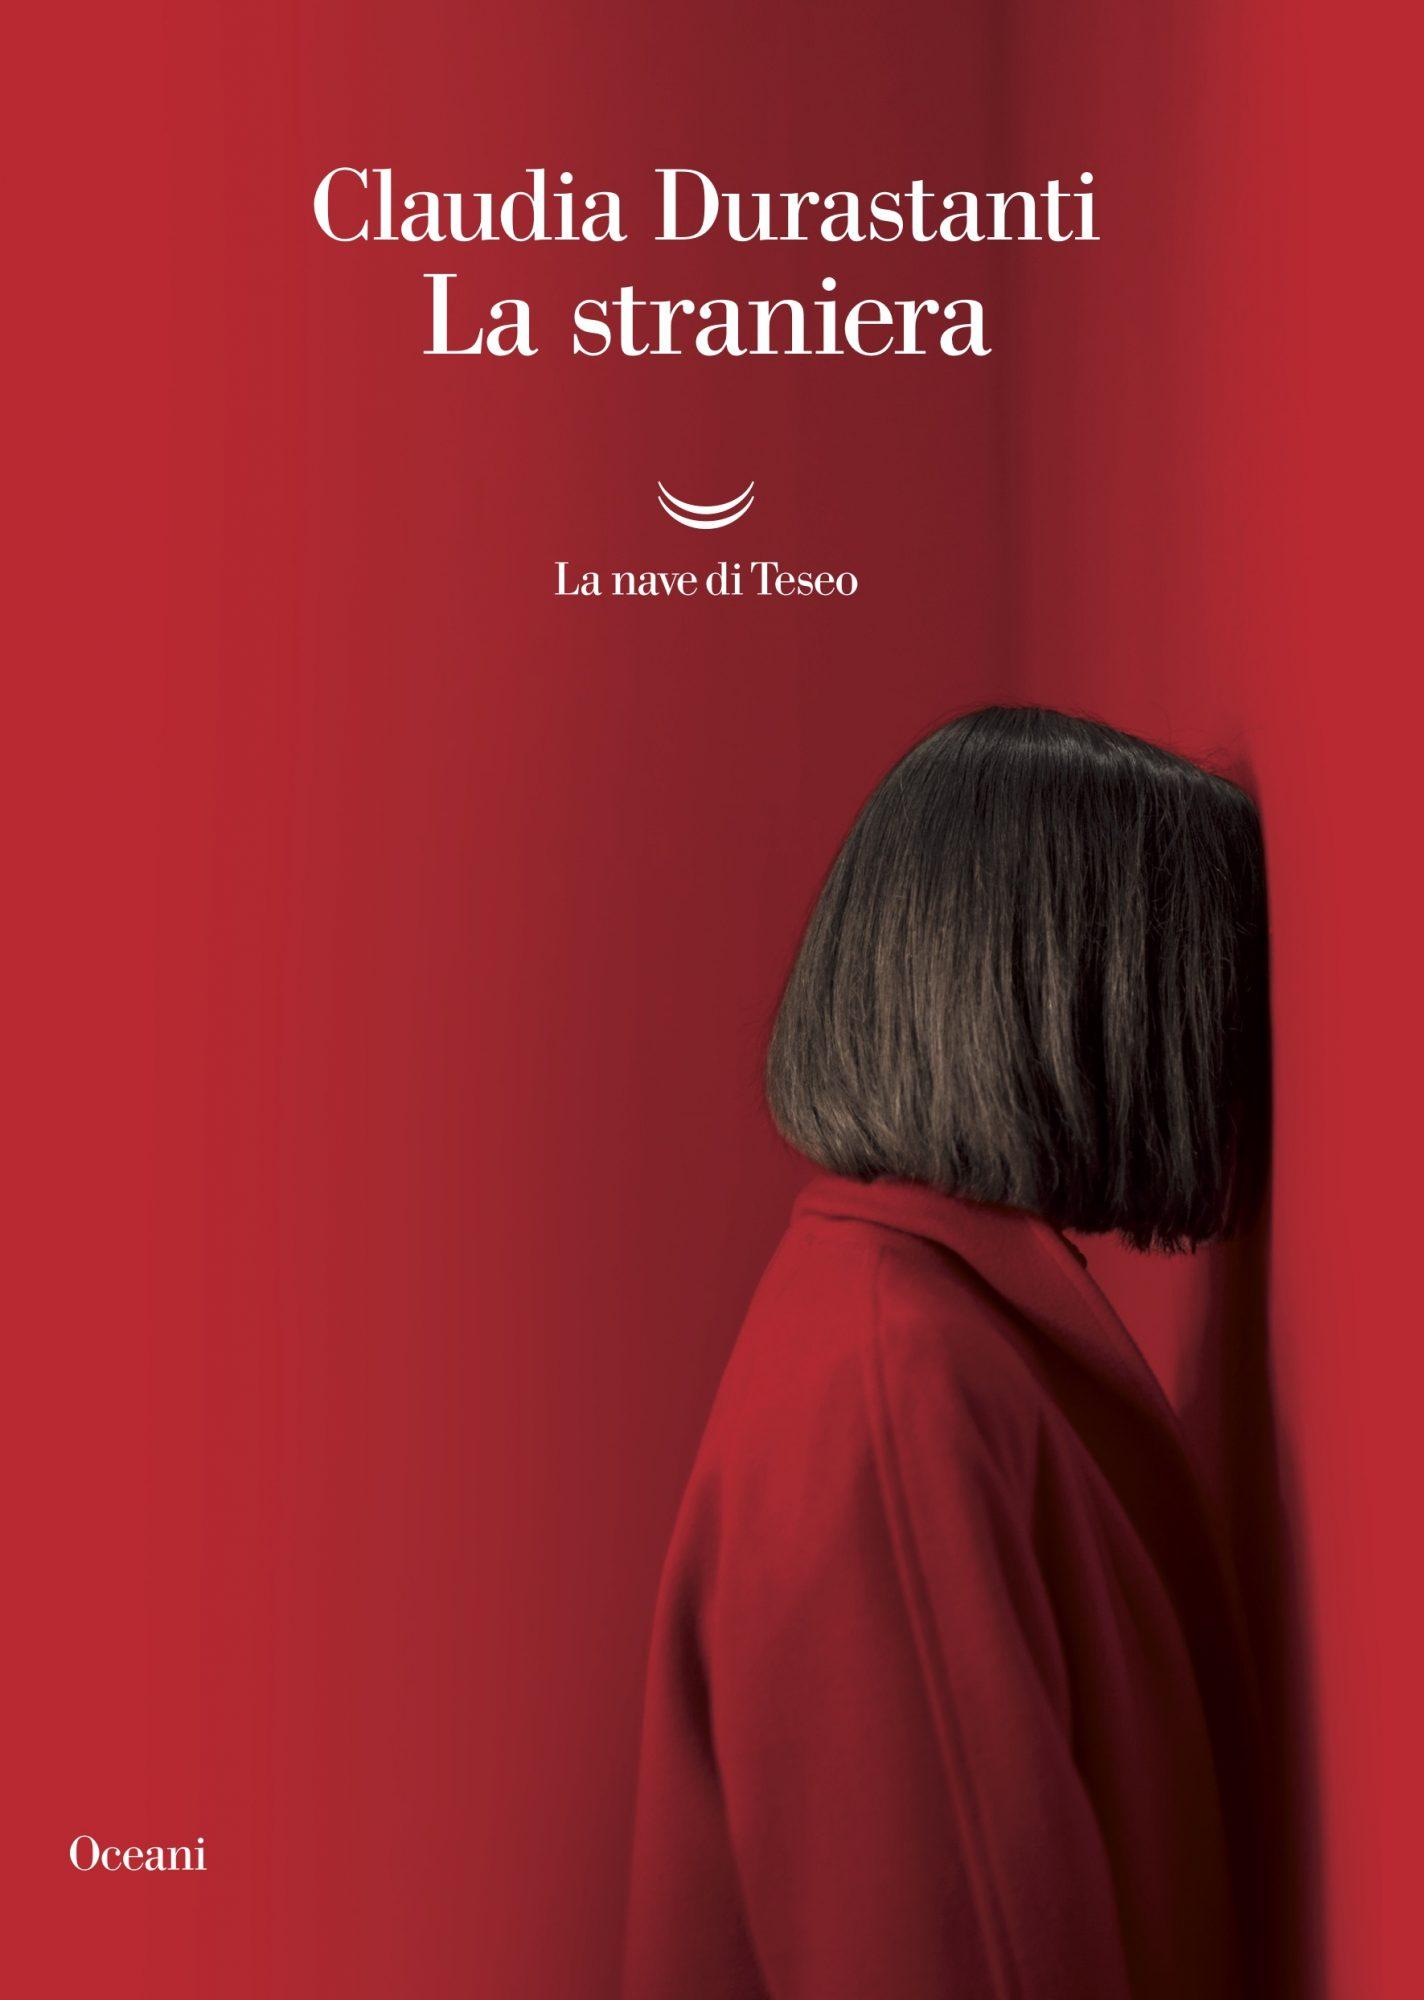 Sabato 14 Dicembre, ore 18:30 Claudia Durastanti incontra i lettori